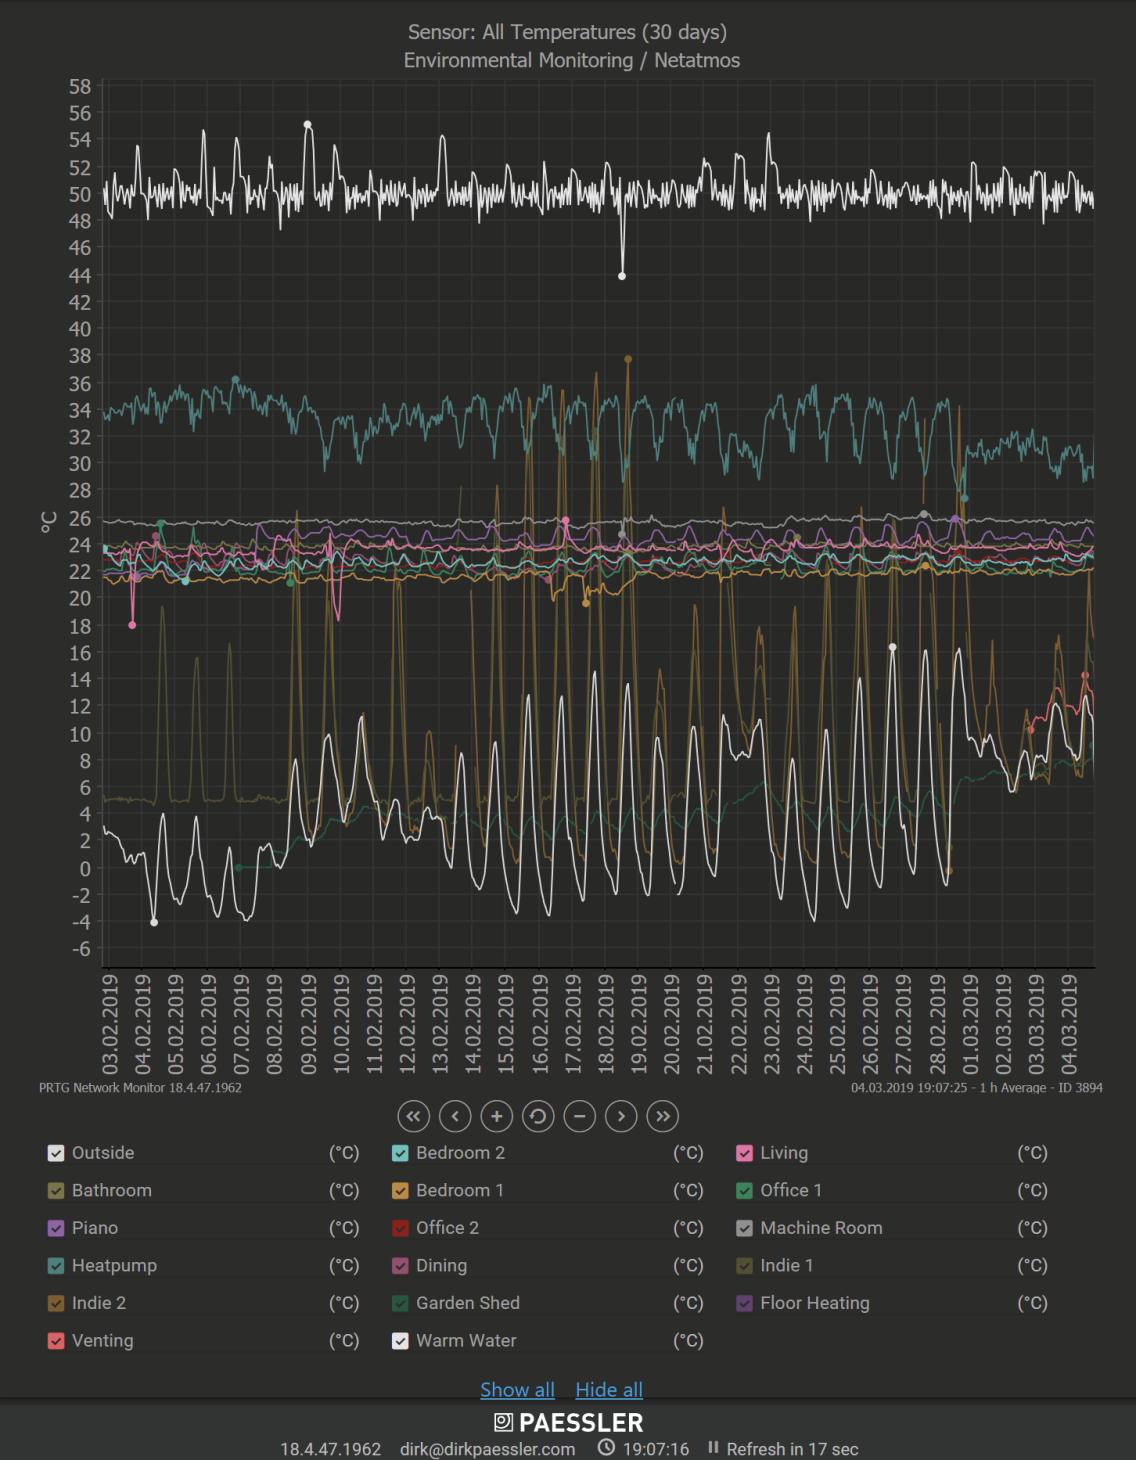 prtg-temperature-sensors-overview-01